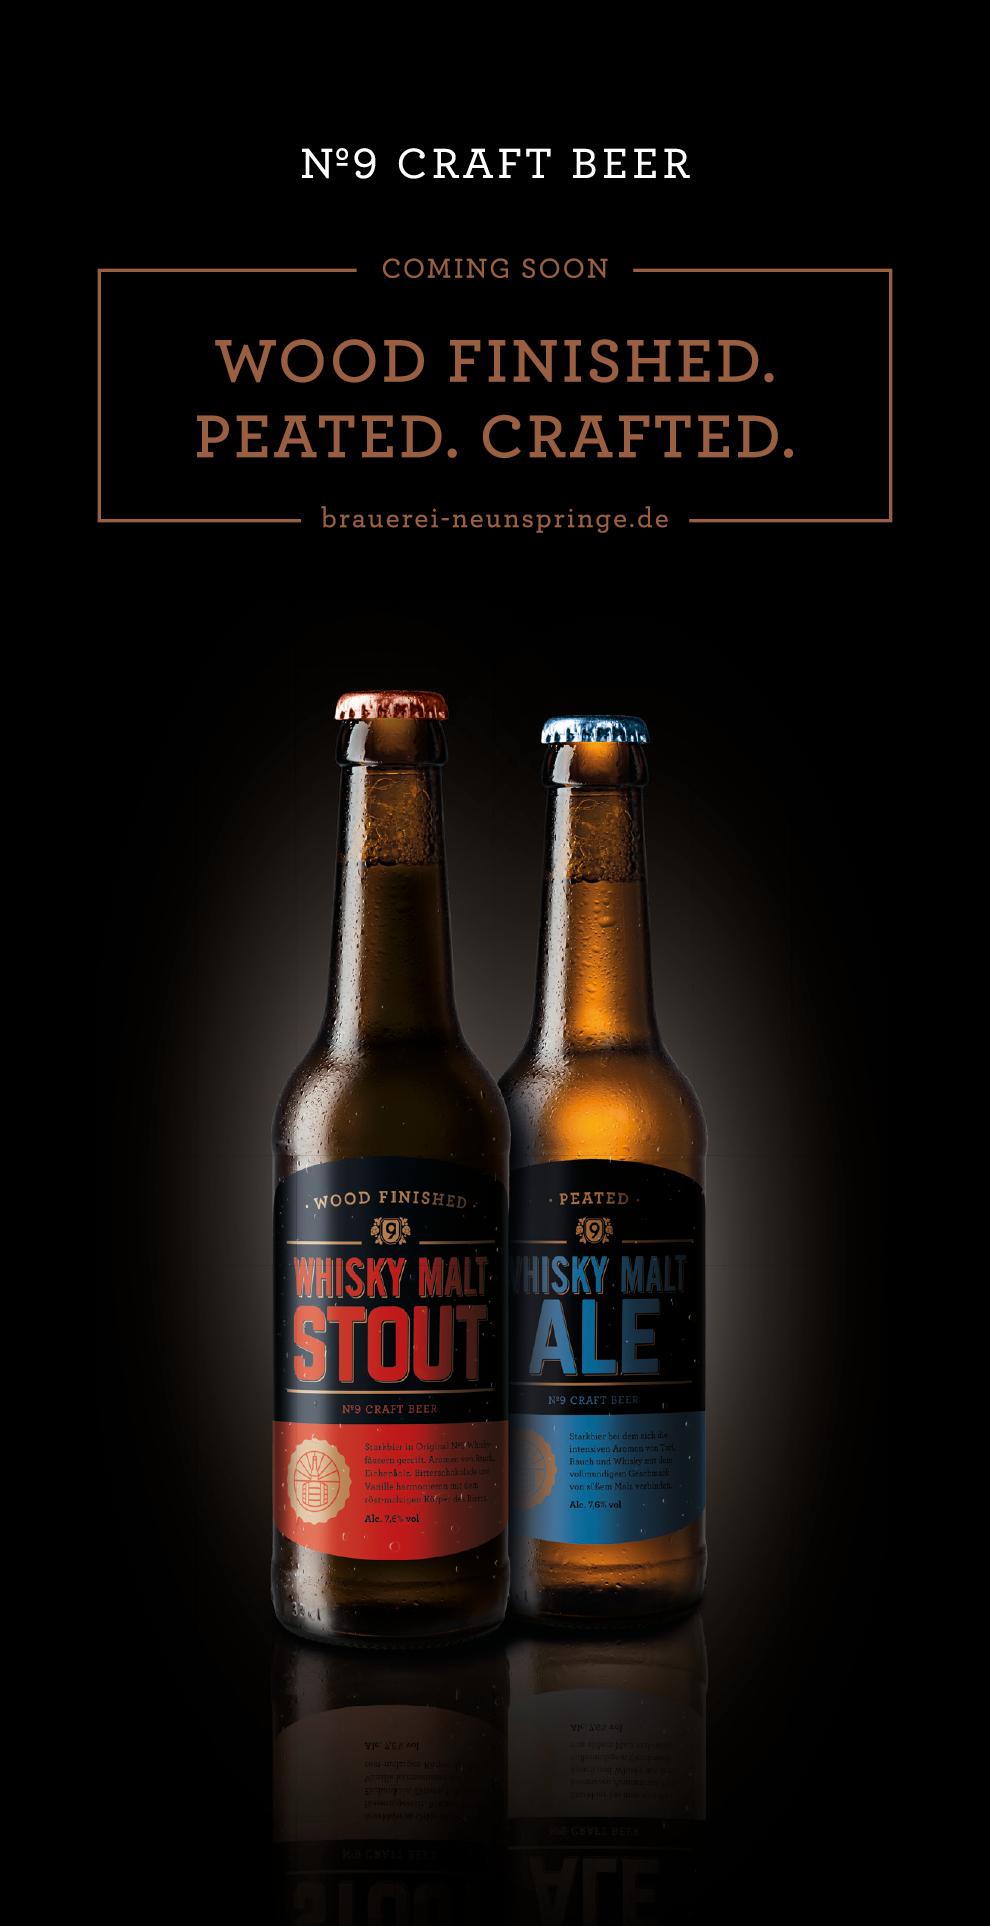 Rollup-Banner mit den beiden Whiskybiere der Brauerei Neunspringe.